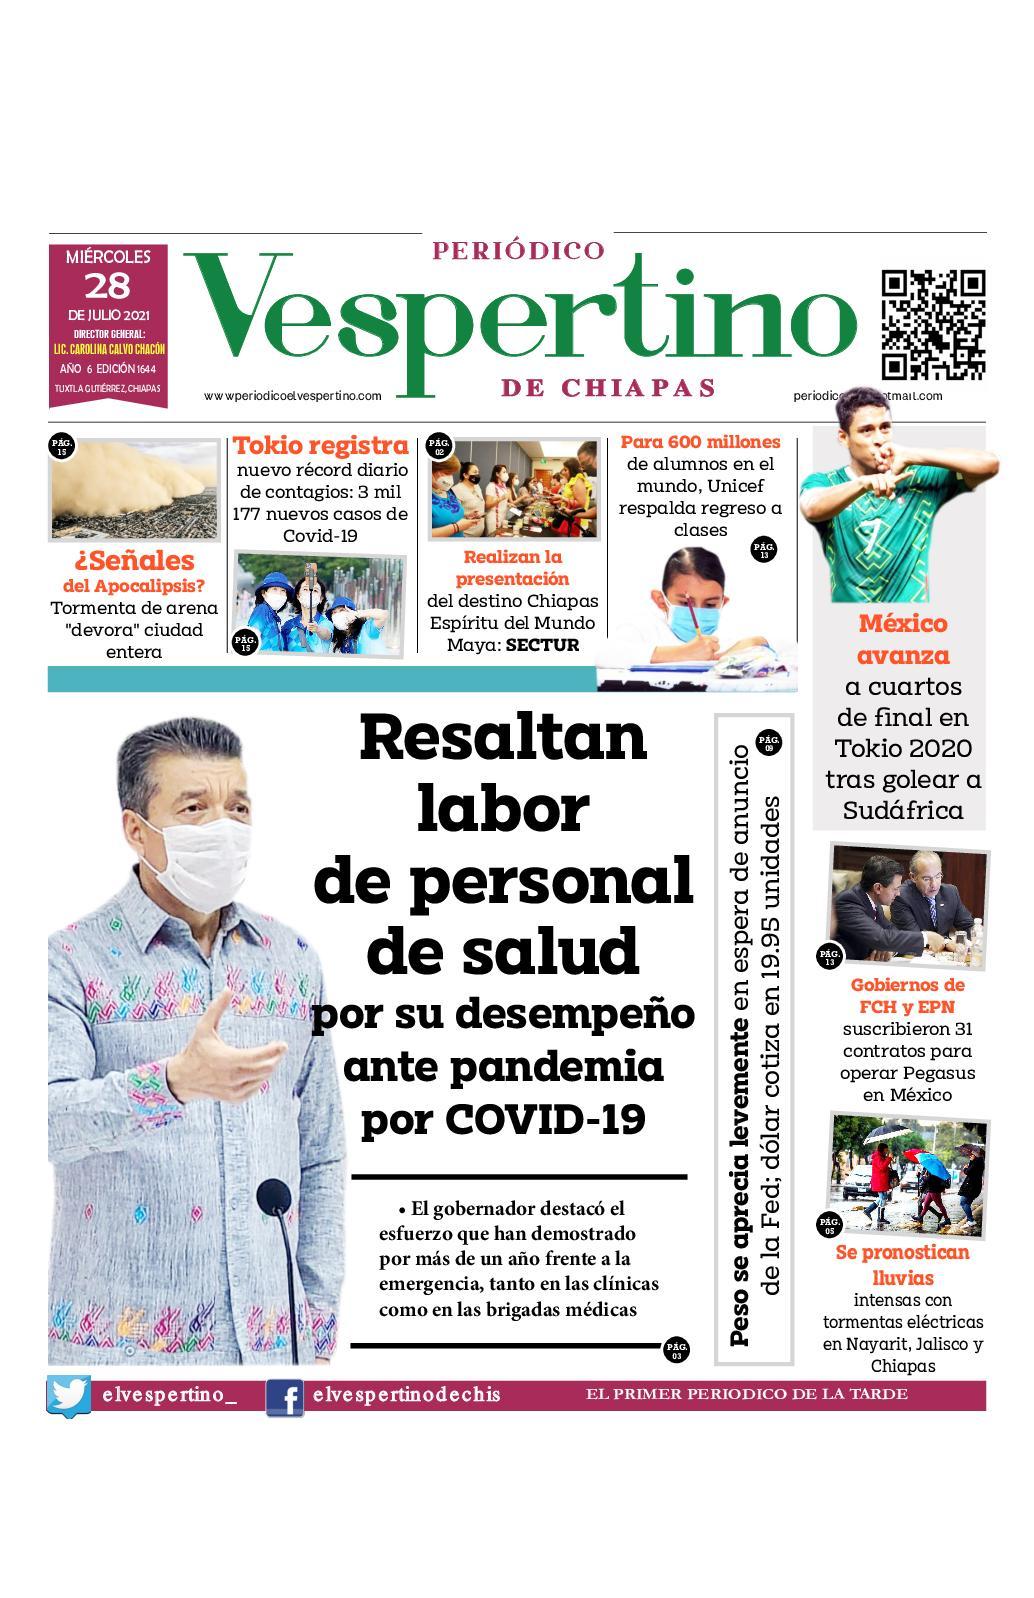 Periodico Vespertino 1644